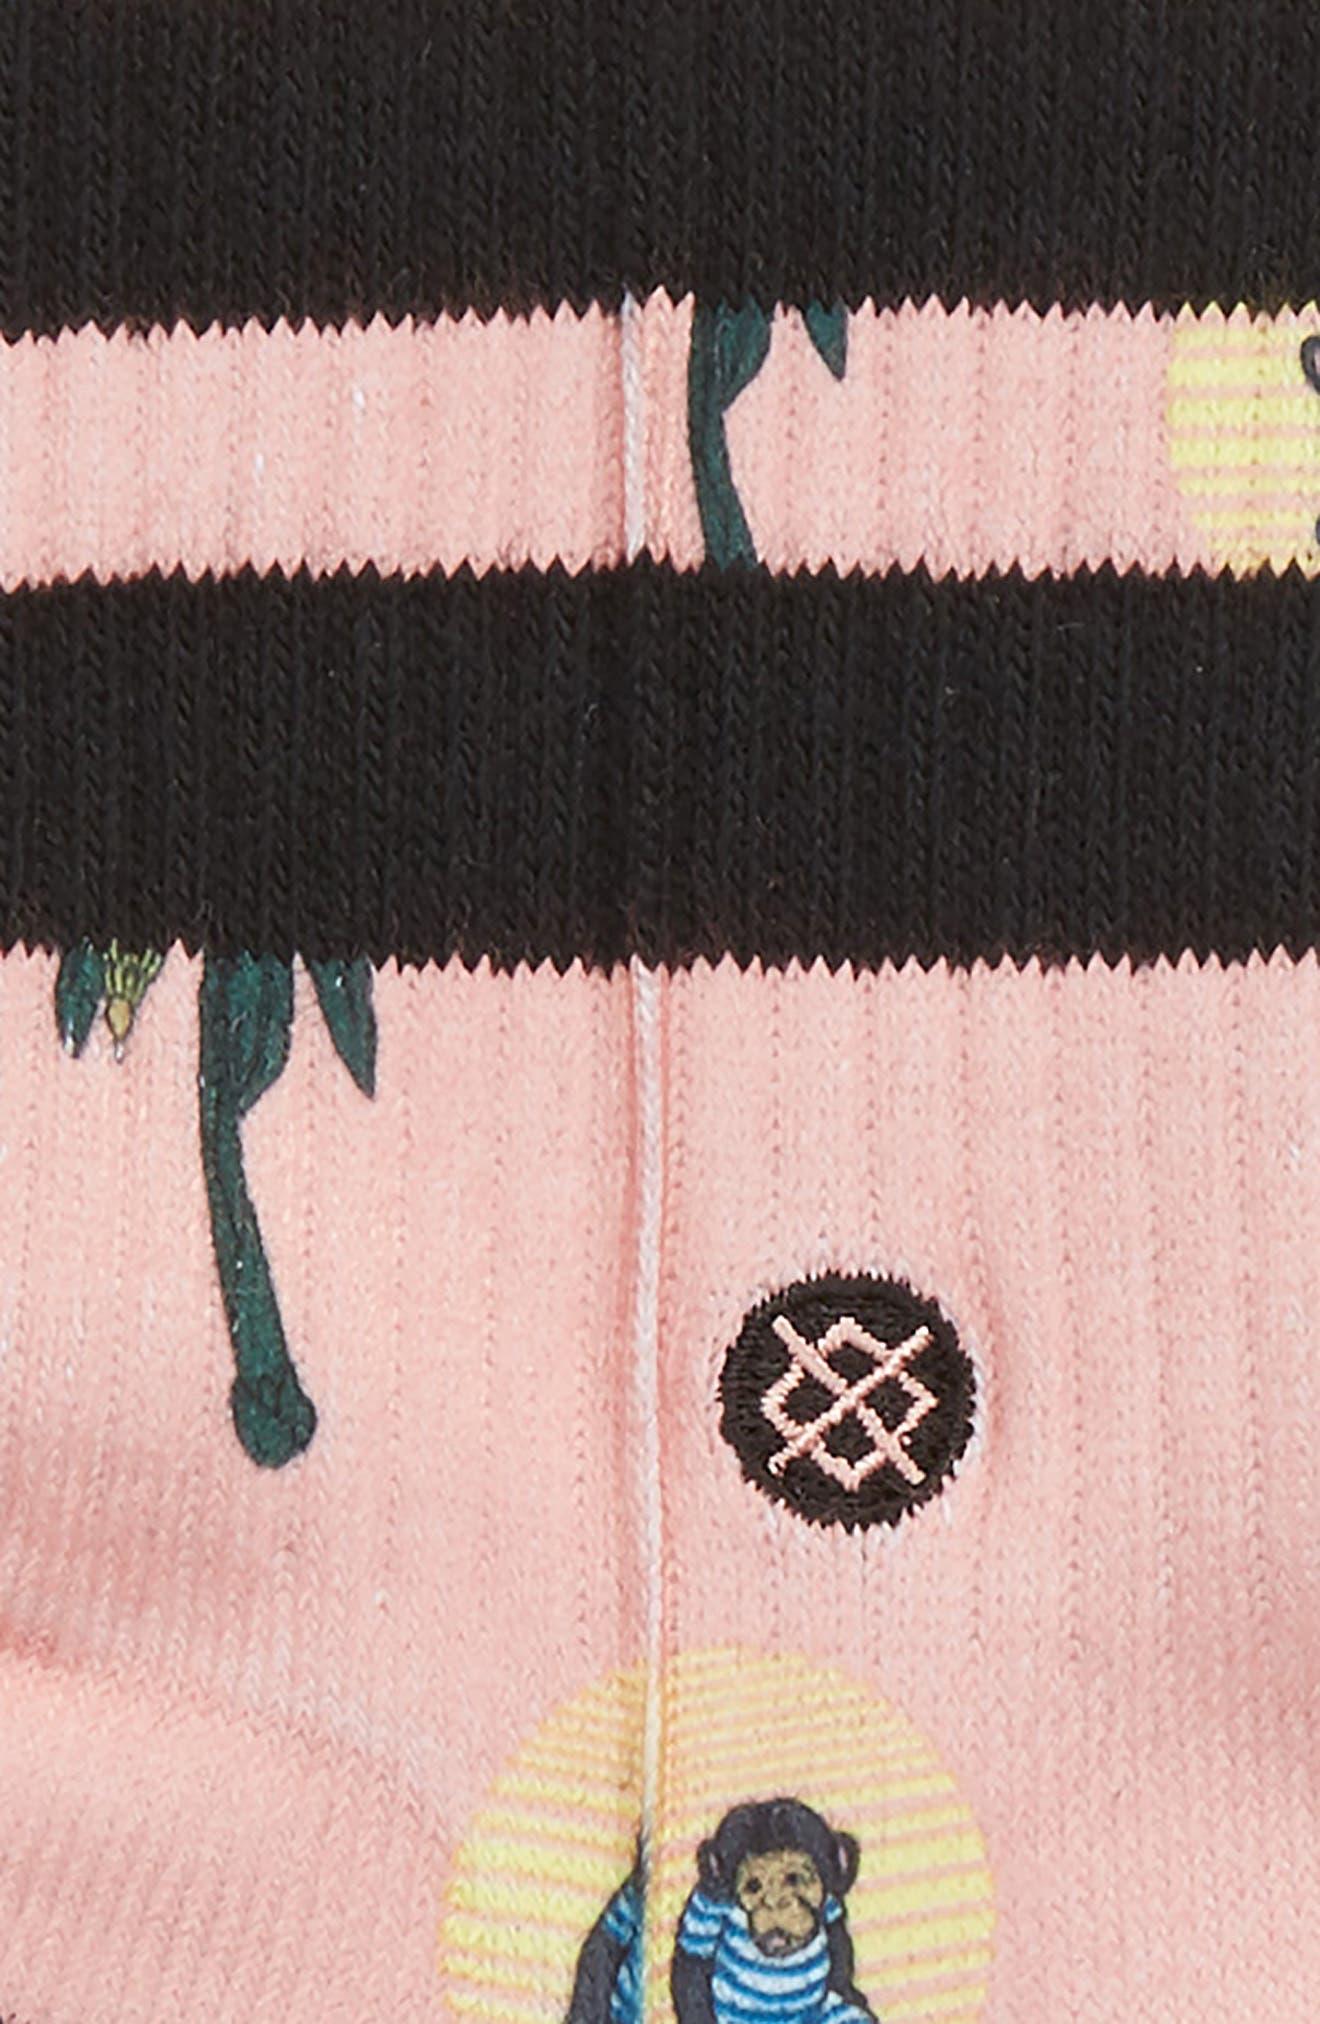 Sunset Surfin' Monkey Socks,                             Alternate thumbnail 2, color,                             Multi